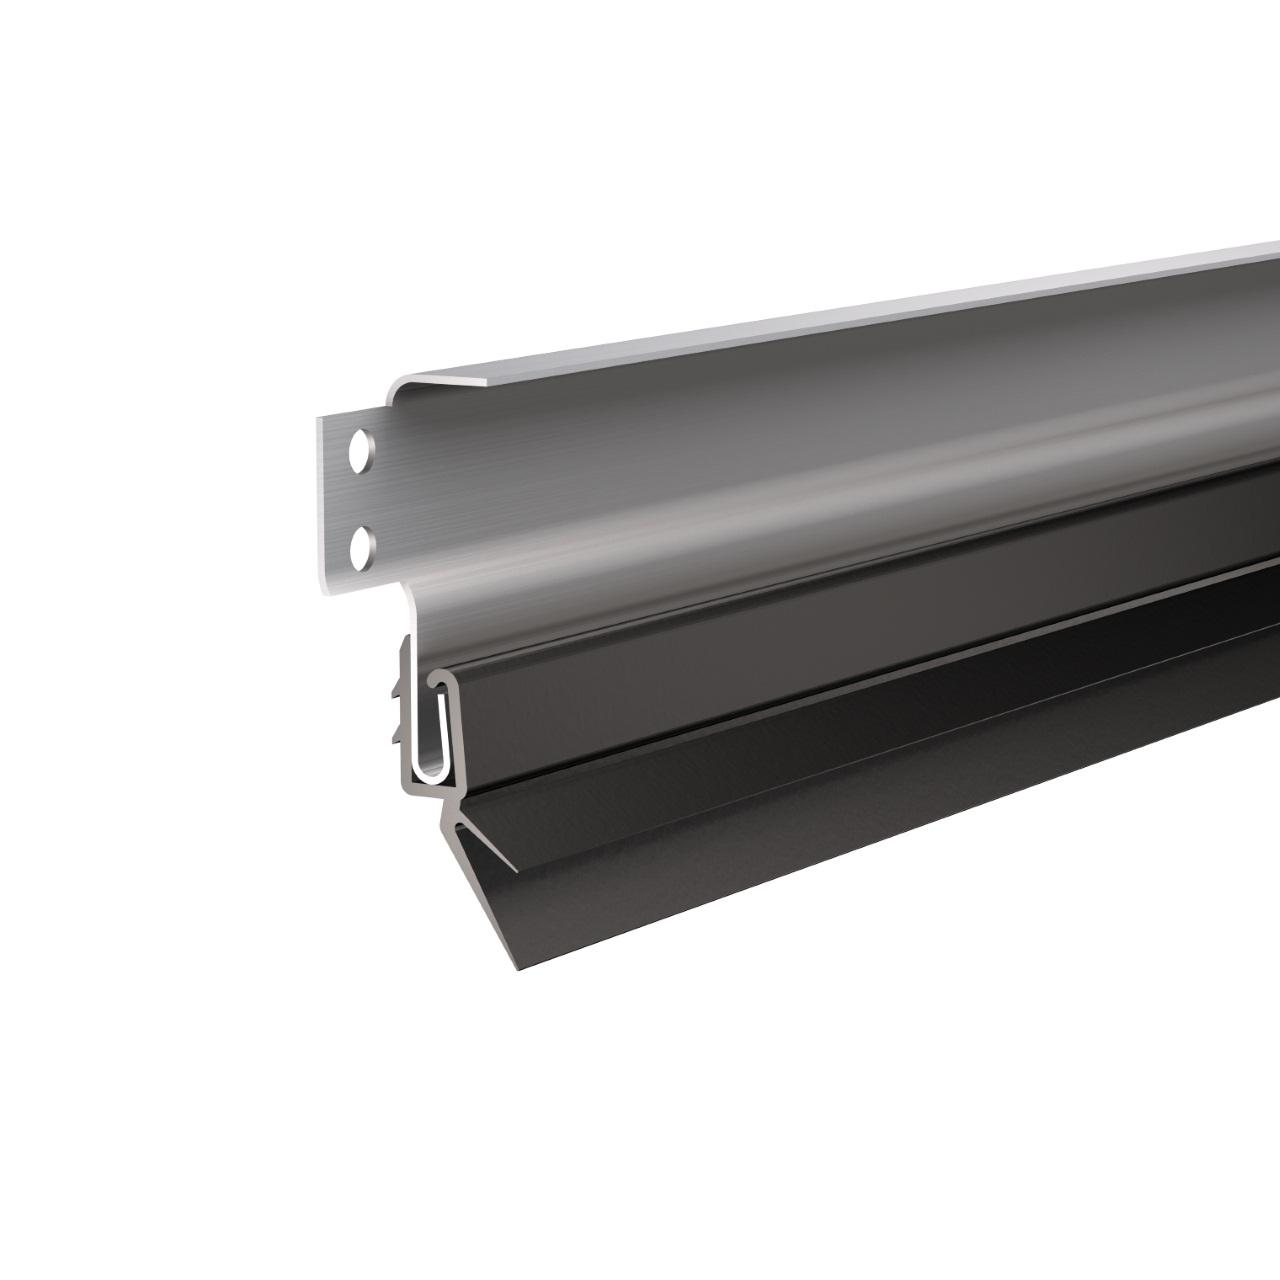 Два лепестка уплотнителей для лучшей герметизации проема